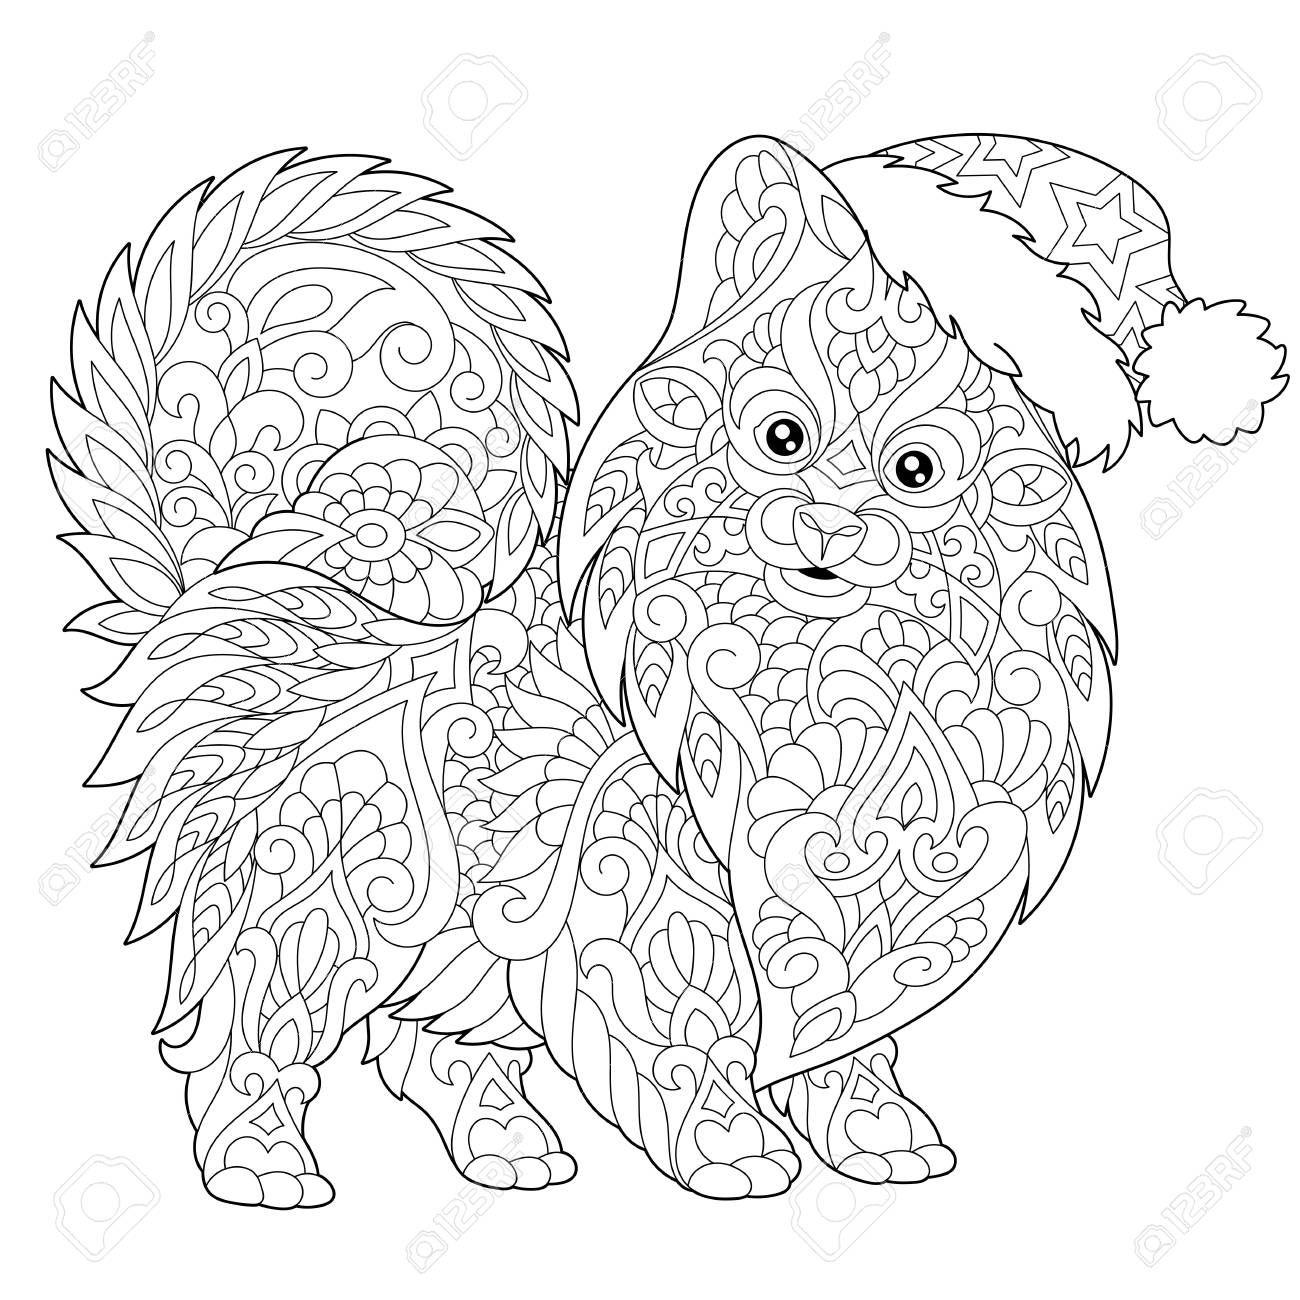 Kleurplaat Van Pommeren Honden Symbool Van 2018 Chinees Nieuwjaar Schets Tekening Uit De Vrije Hand Voor Merry Christmas Wenskaart Of Volwassen Antistress Kle Kleurboek Kleurplaten Wenskaart